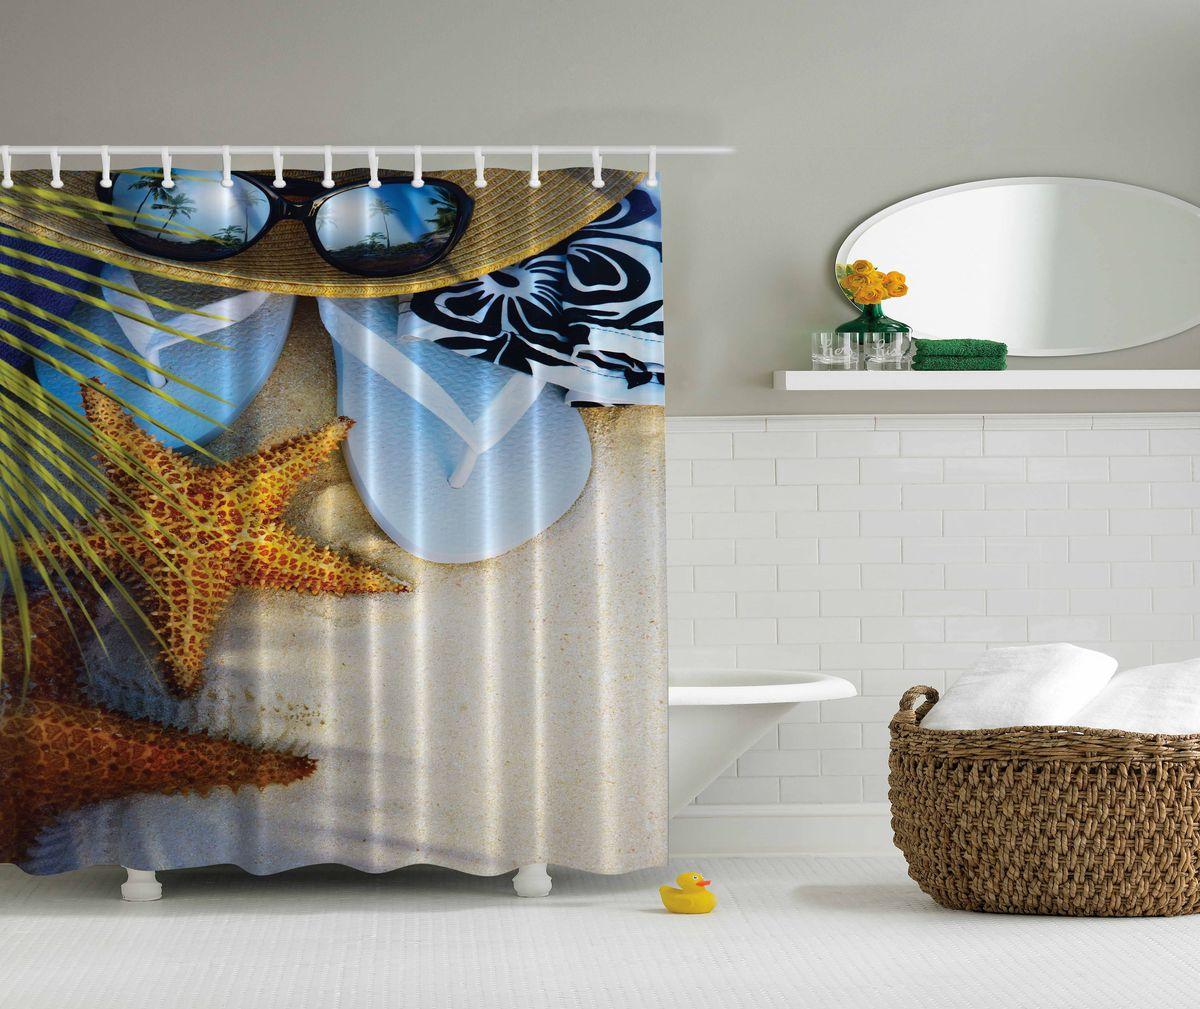 Штора для ванной комнаты Magic Lady Пляжный отдых, 180 х 200 смшв_12492Штора Magic Lady Пляжный отдых, изготовленная из высококачественного сатена (полиэстер 100%), отлично дополнит любой интерьер ванной комнаты. При изготовлении используются специальные гипоаллергенные чернила для прямой печати по ткани, безопасные для человека.В комплекте: 1 штора, 12 крючков. Обращаем ваше внимание, фактический цвет изделия может незначительно отличаться от представленного на фото.